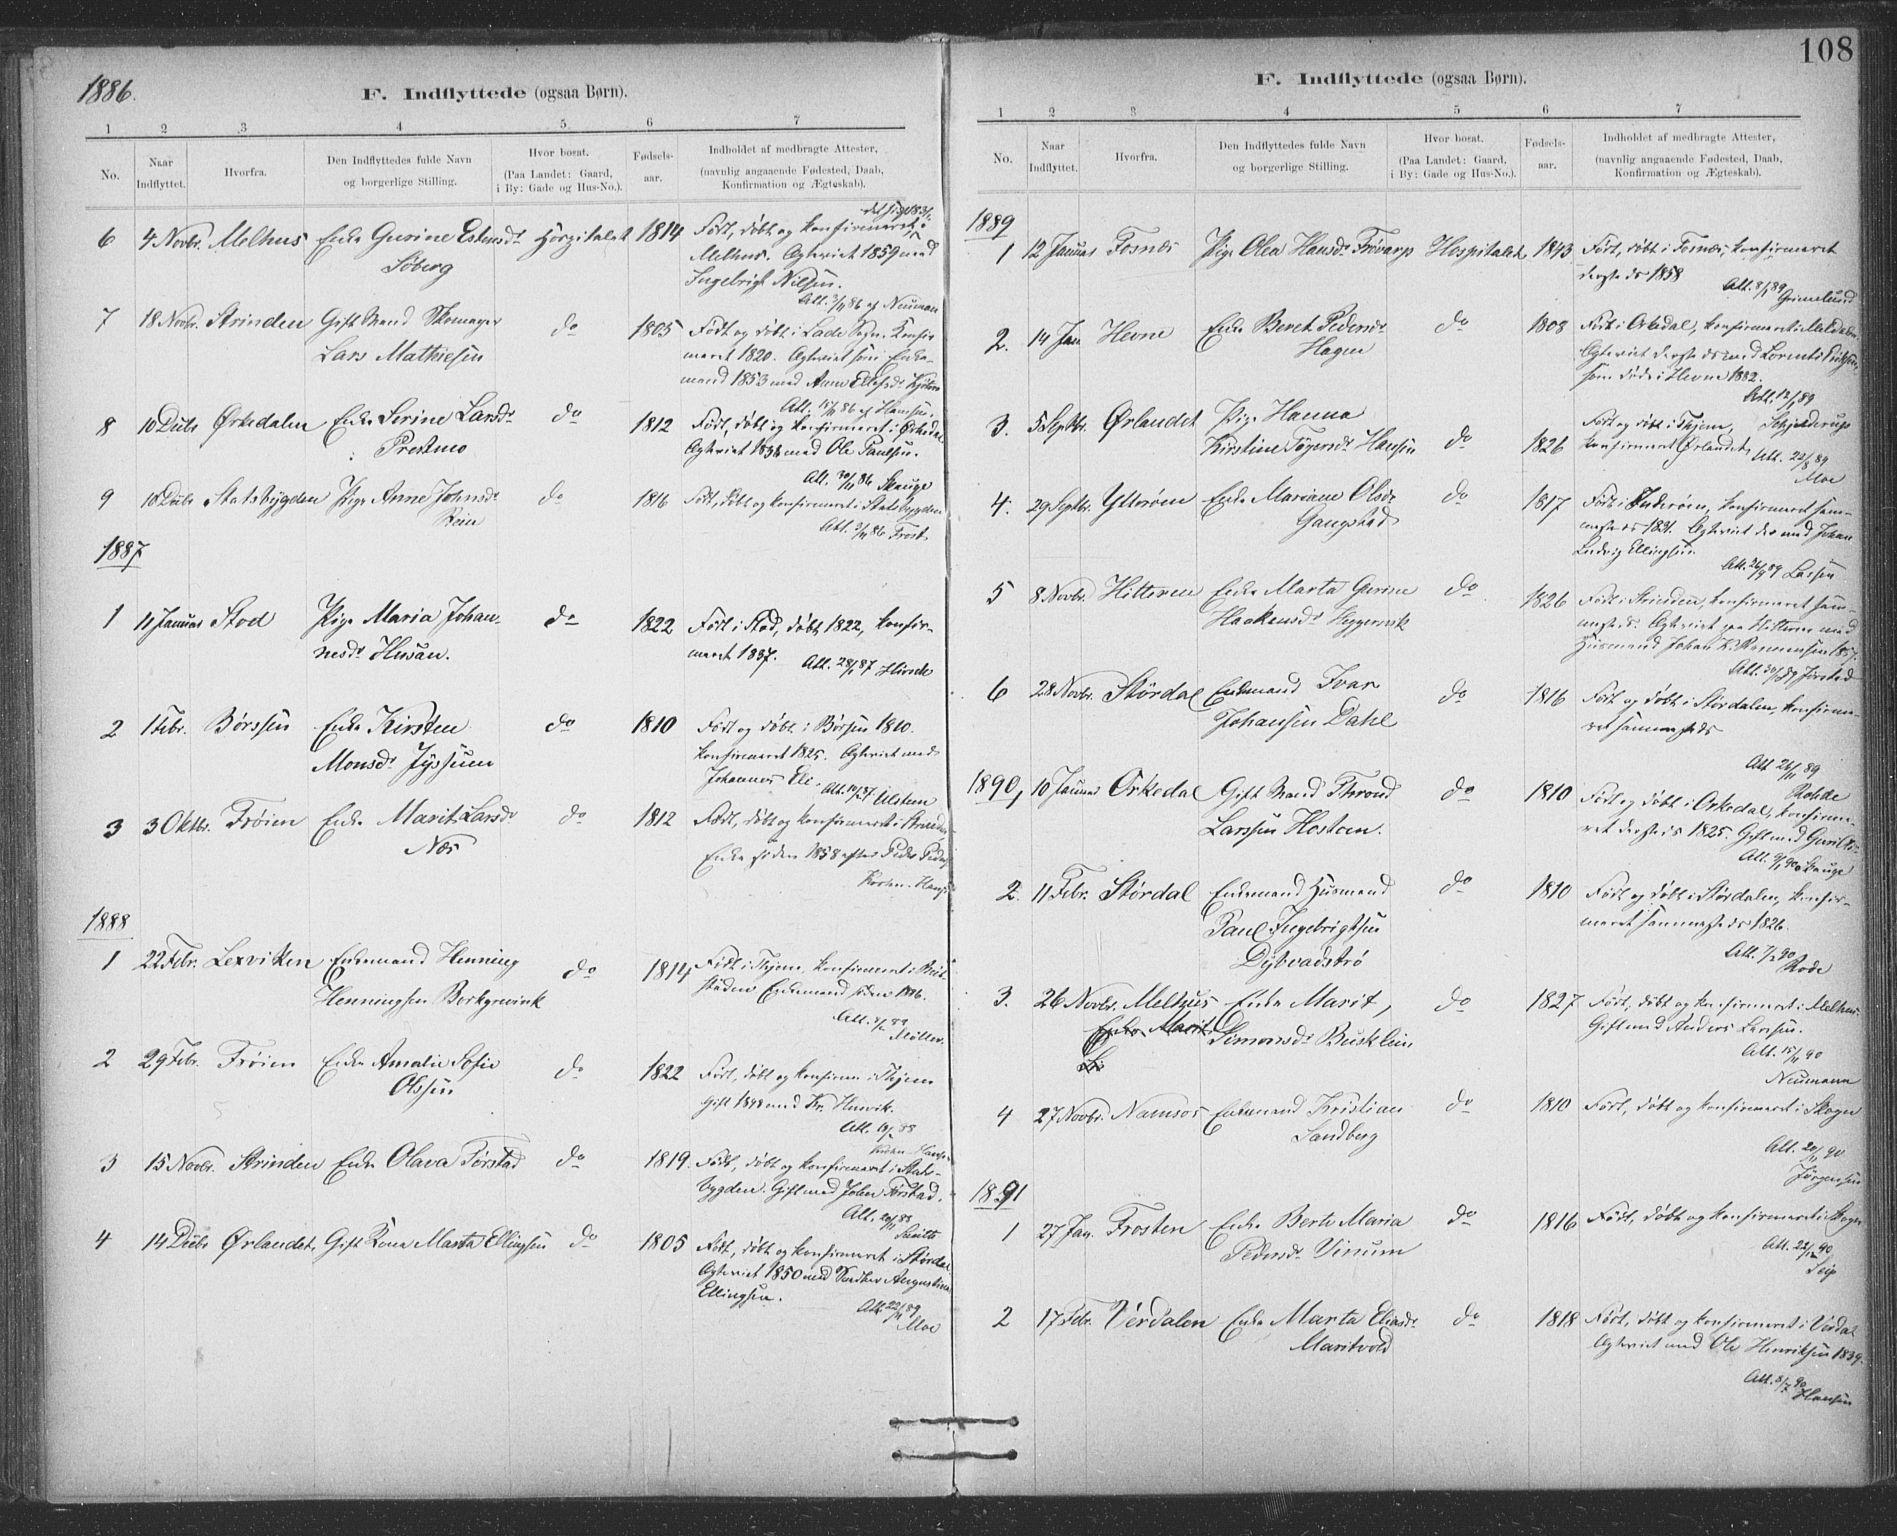 SAT, Ministerialprotokoller, klokkerbøker og fødselsregistre - Sør-Trøndelag, 623/L0470: Ministerialbok nr. 623A04, 1884-1938, s. 108